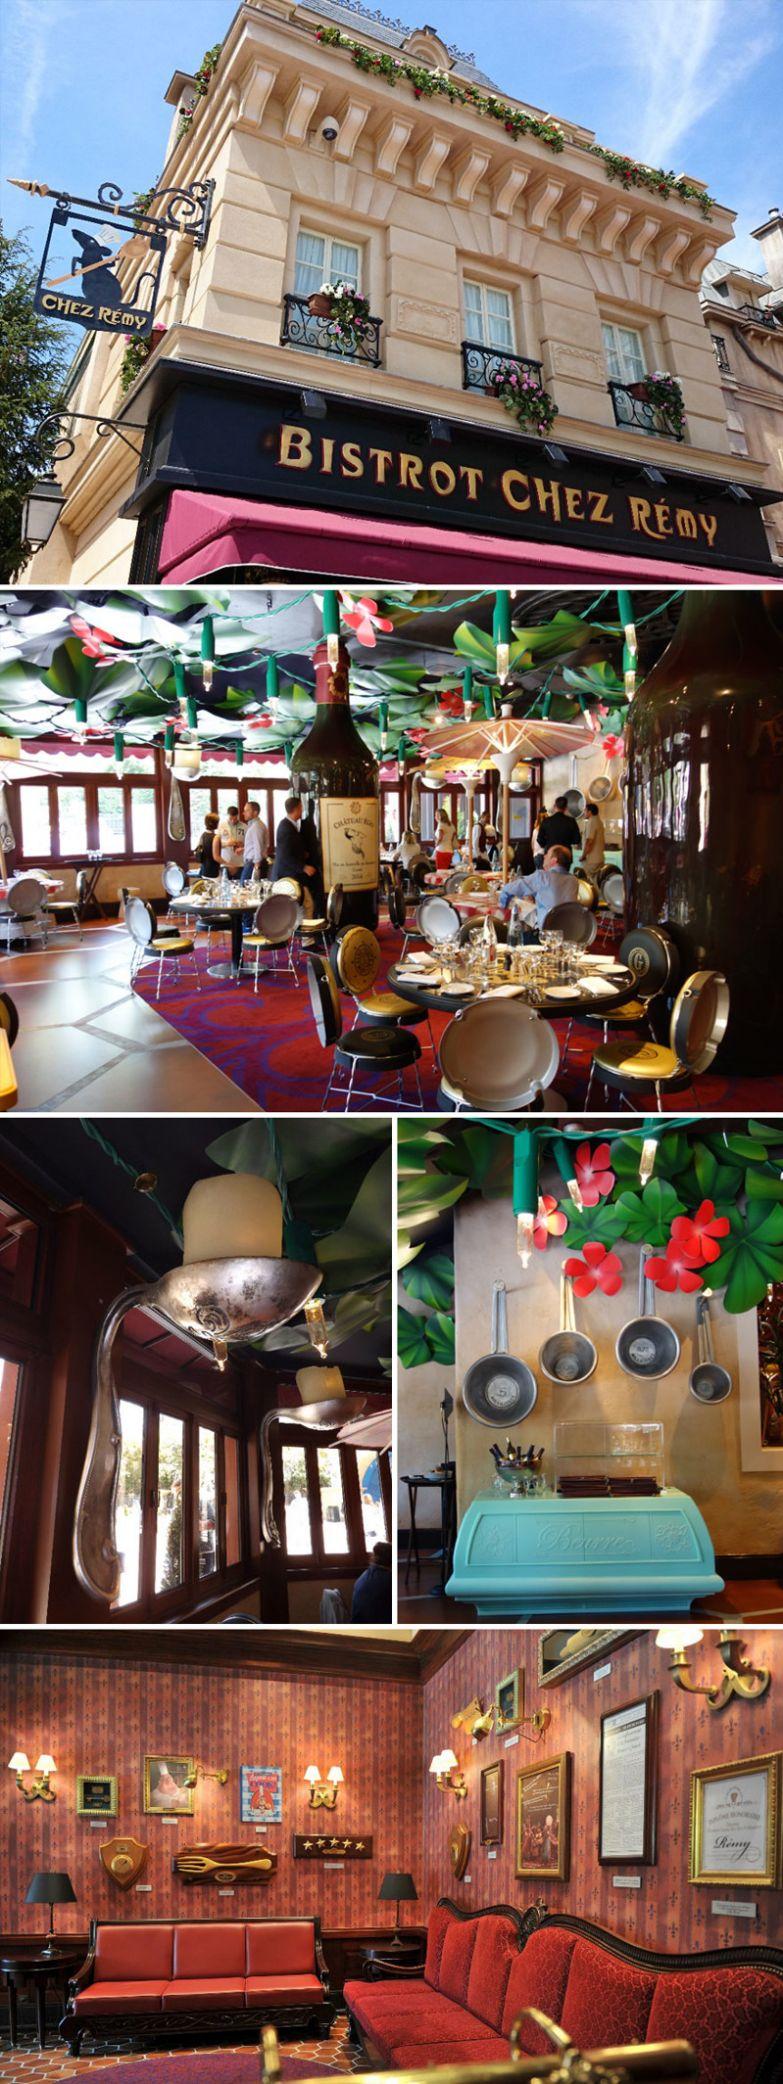 """Ресторан в тематике мультфильма """"Рататуй"""", Bistrot Chez Rémy, Диснейленд, Париж, Франция мир, подборка, ресторан"""